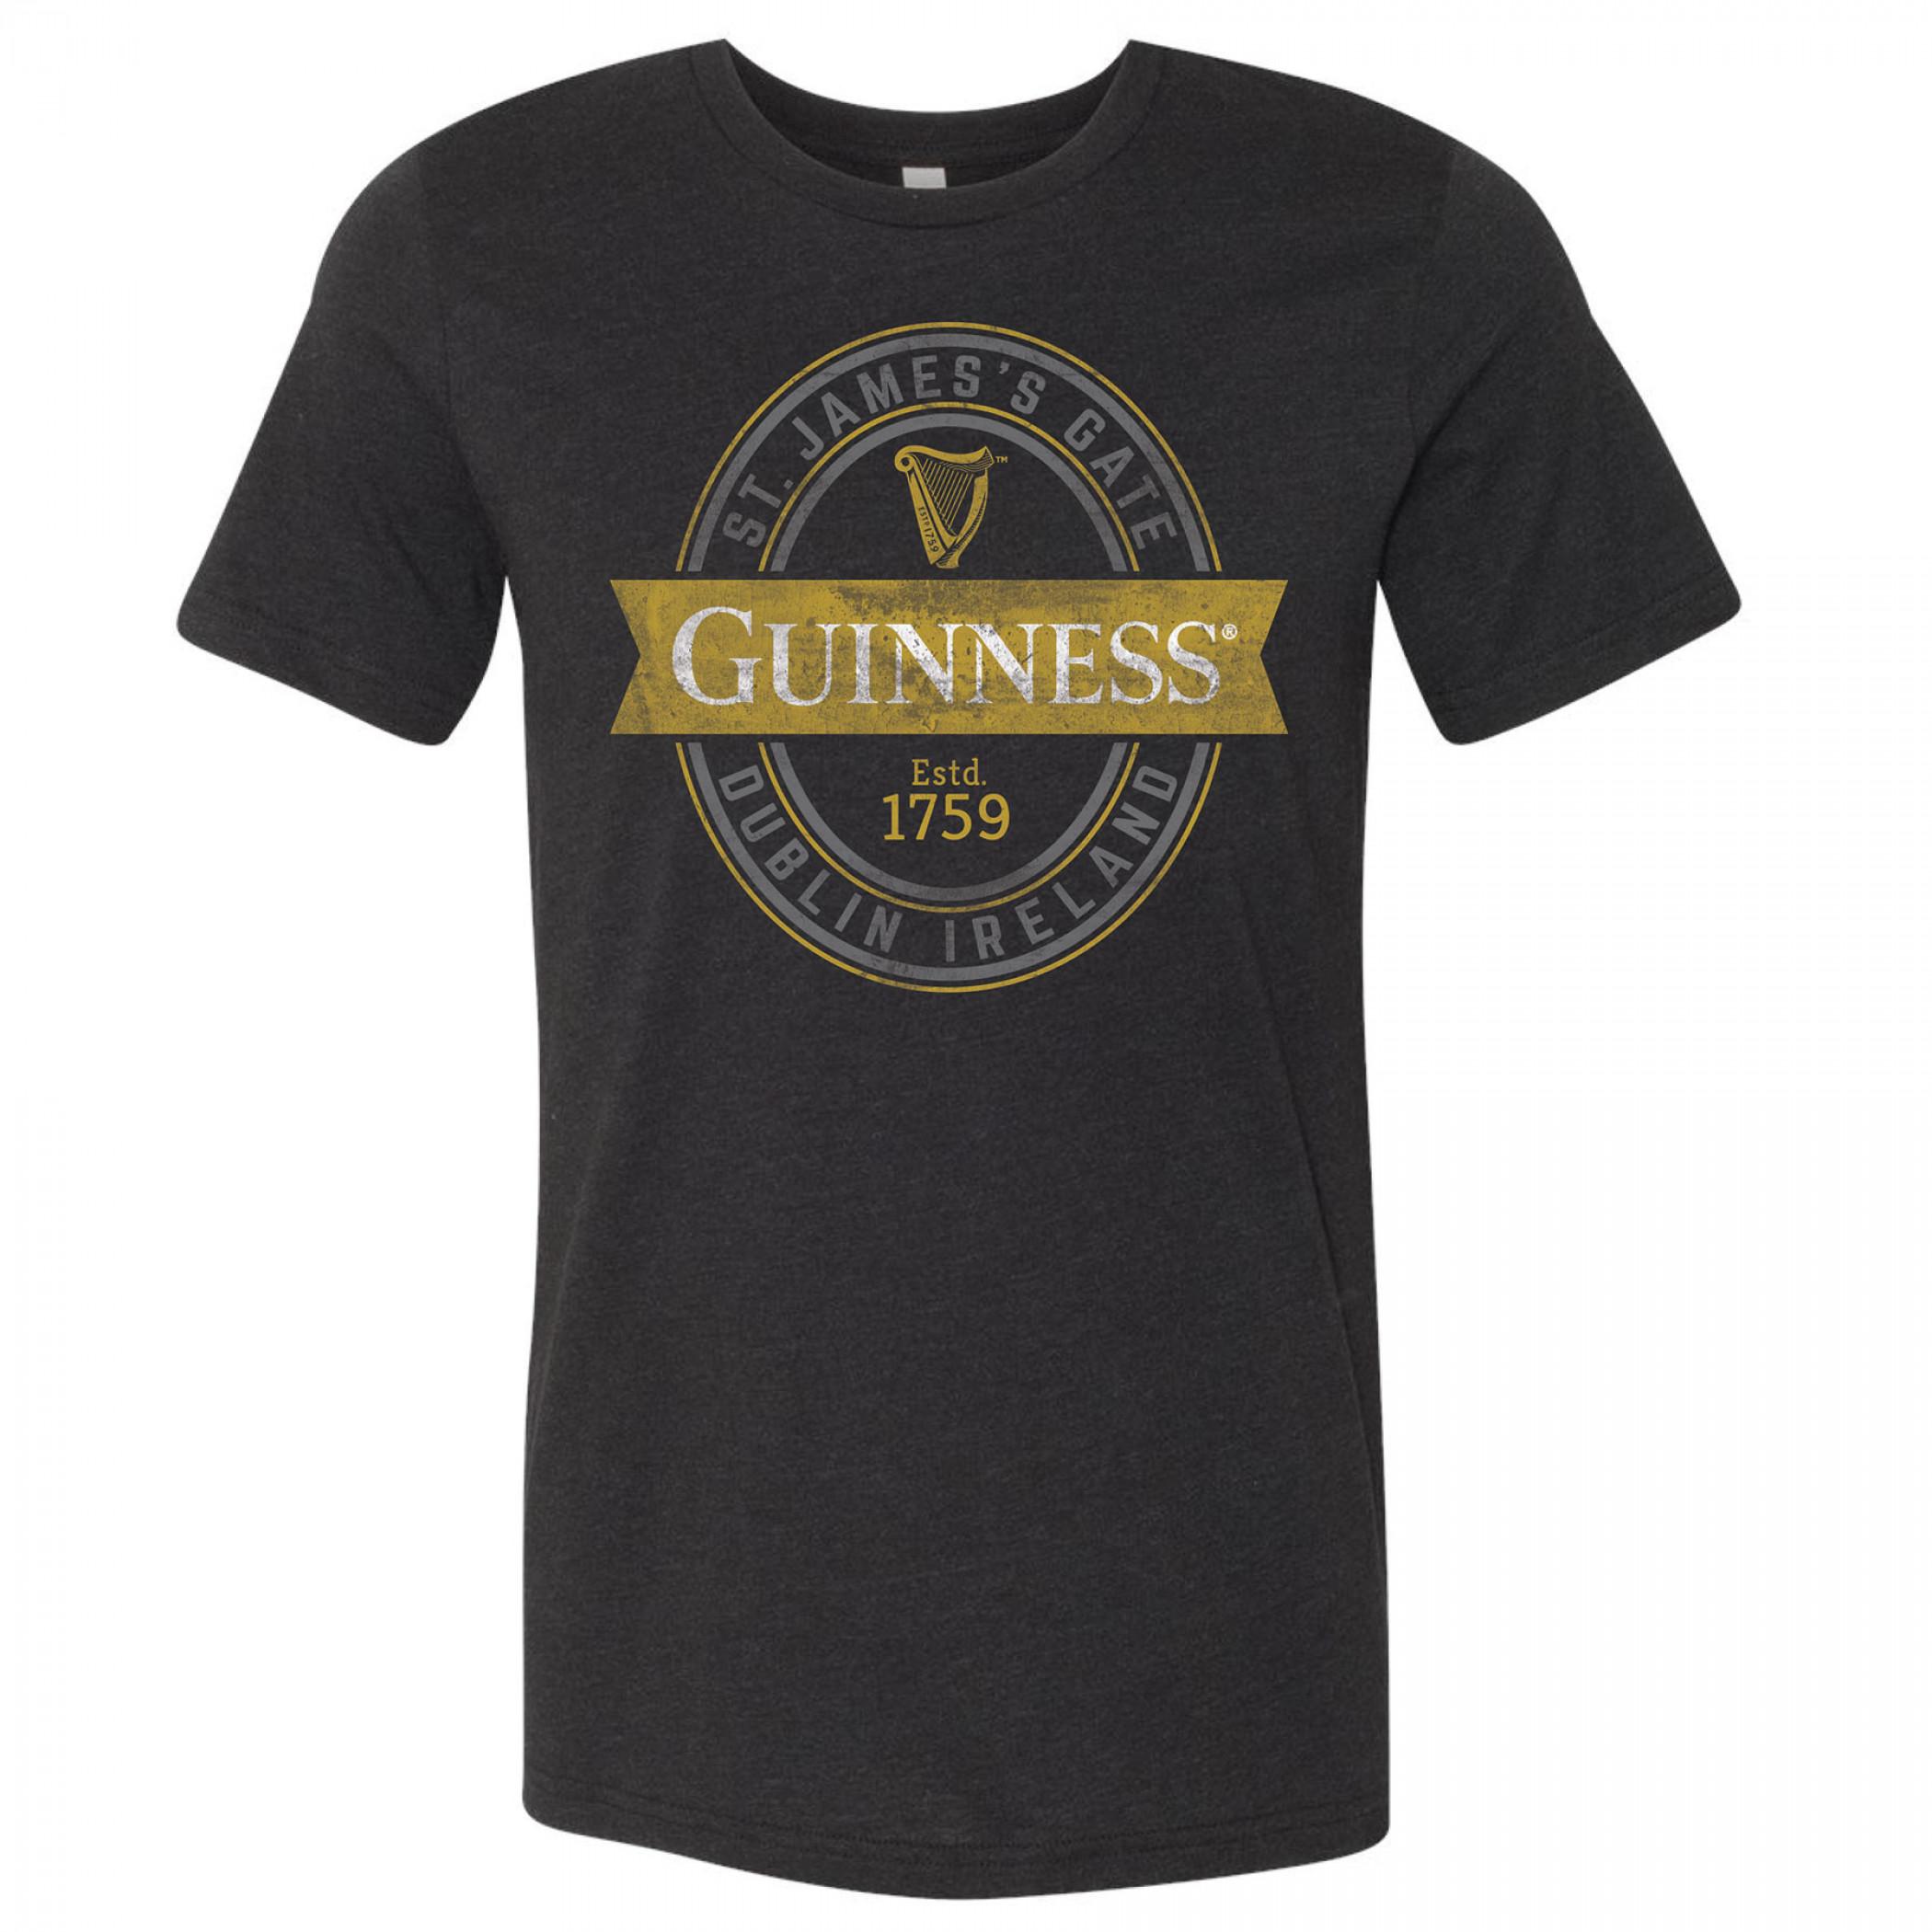 Guinness St. James Gate Black T-Shirt